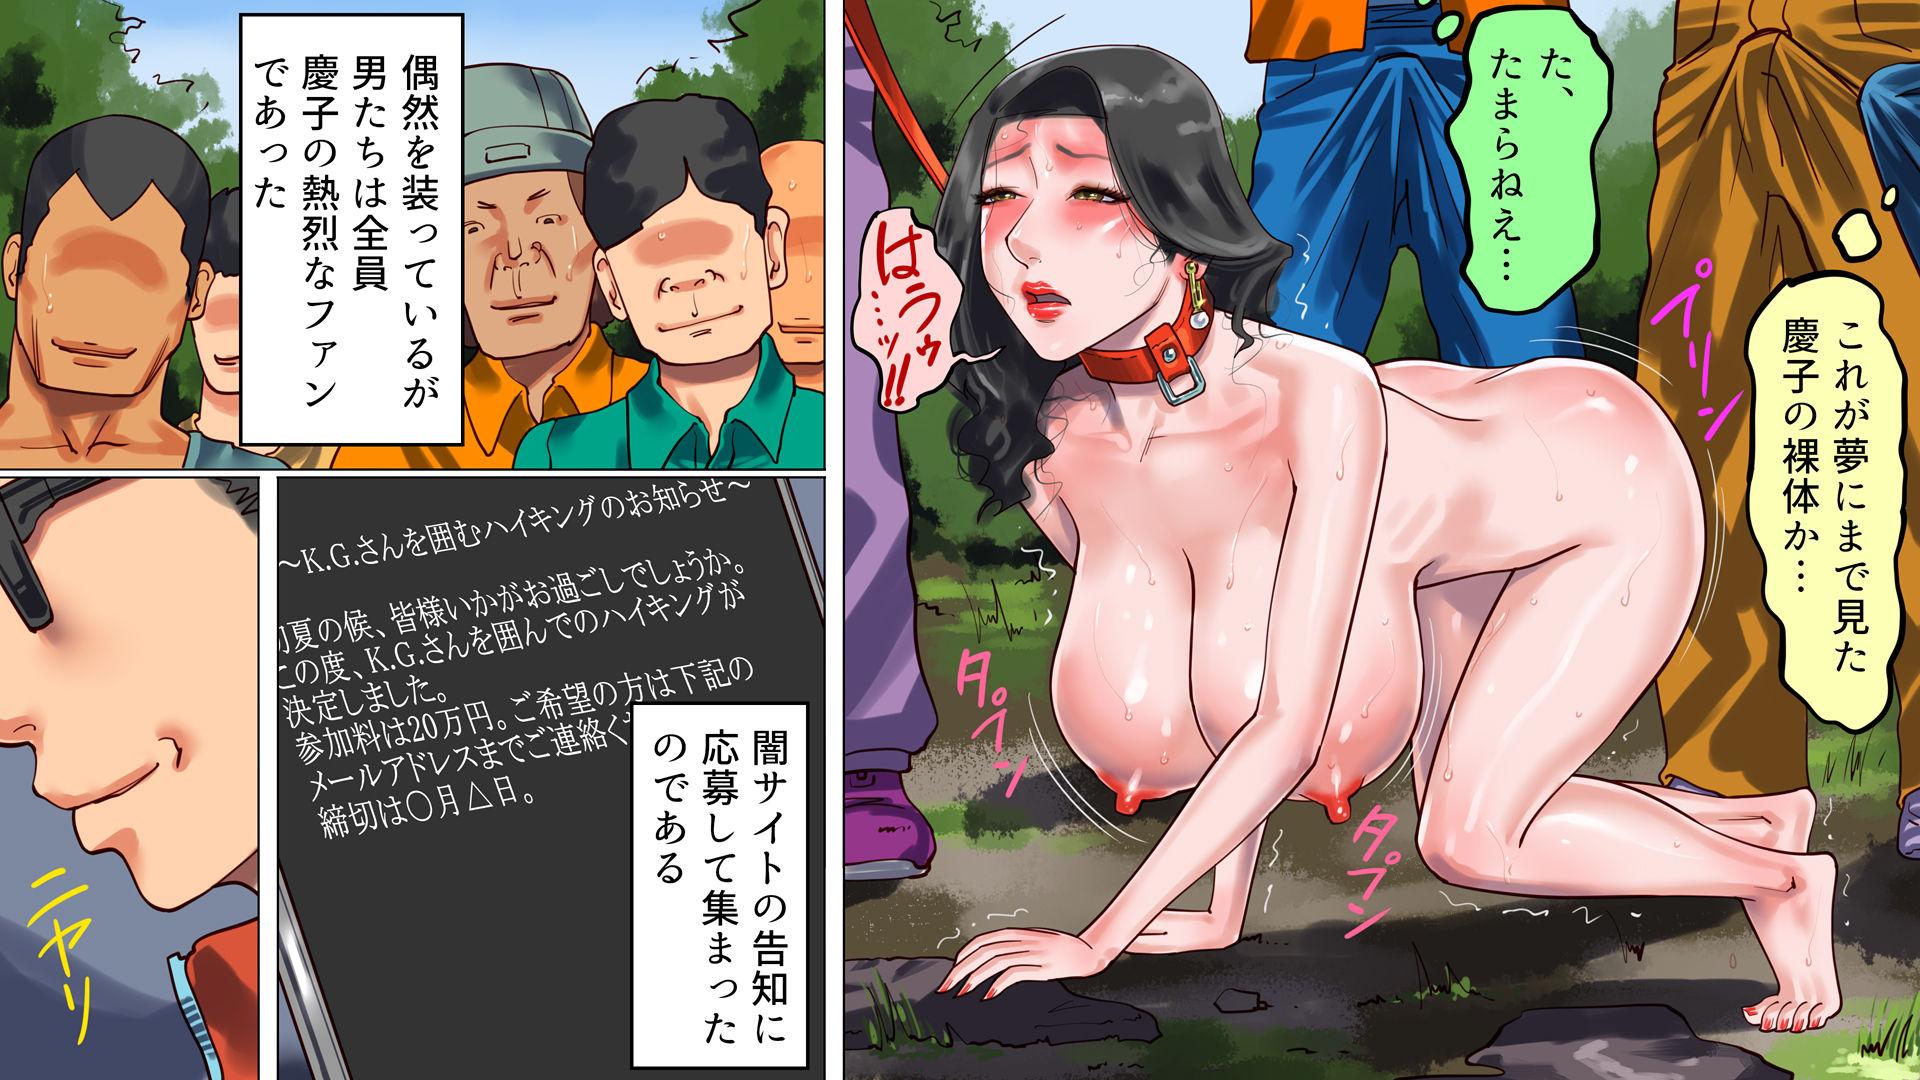 堕とされた美人キャスター・慶子 第一部 恥辱の奴●勤務編5